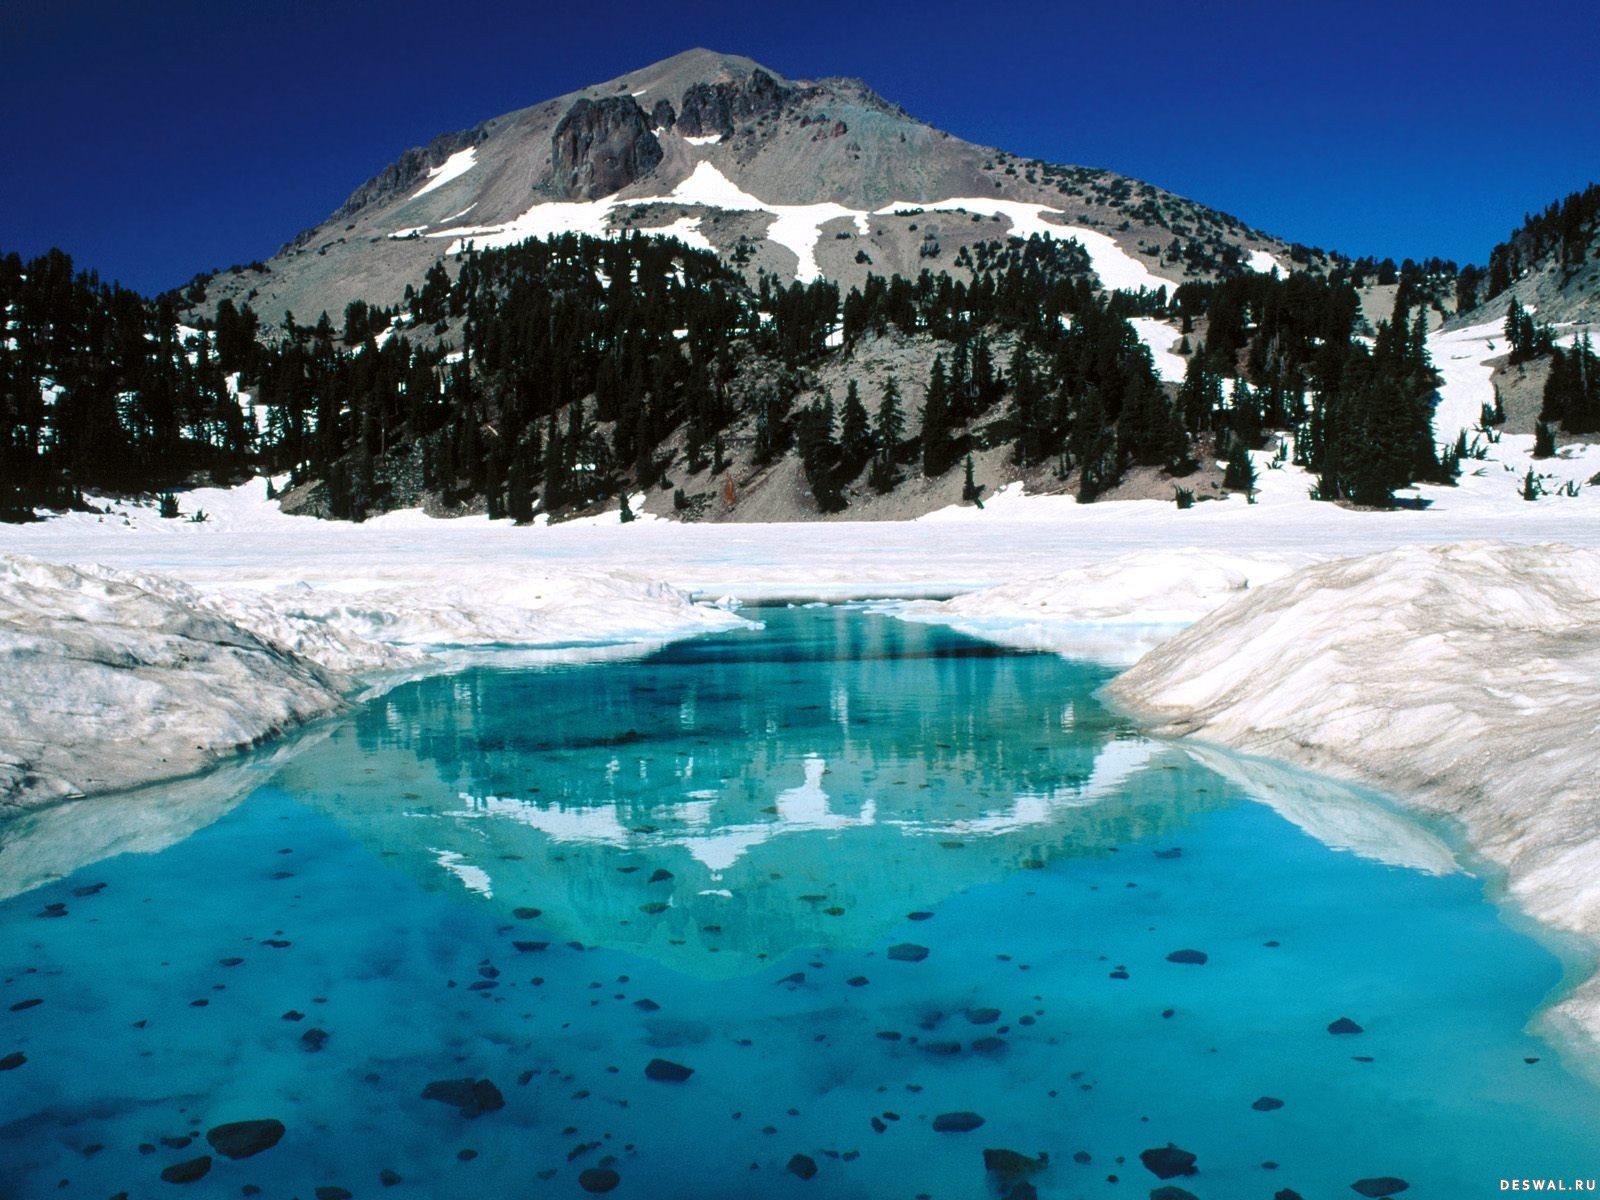 Фото 9.. Нажмите на картинку с обоями природы - вулкан, чтобы просмотреть ее в реальном размере